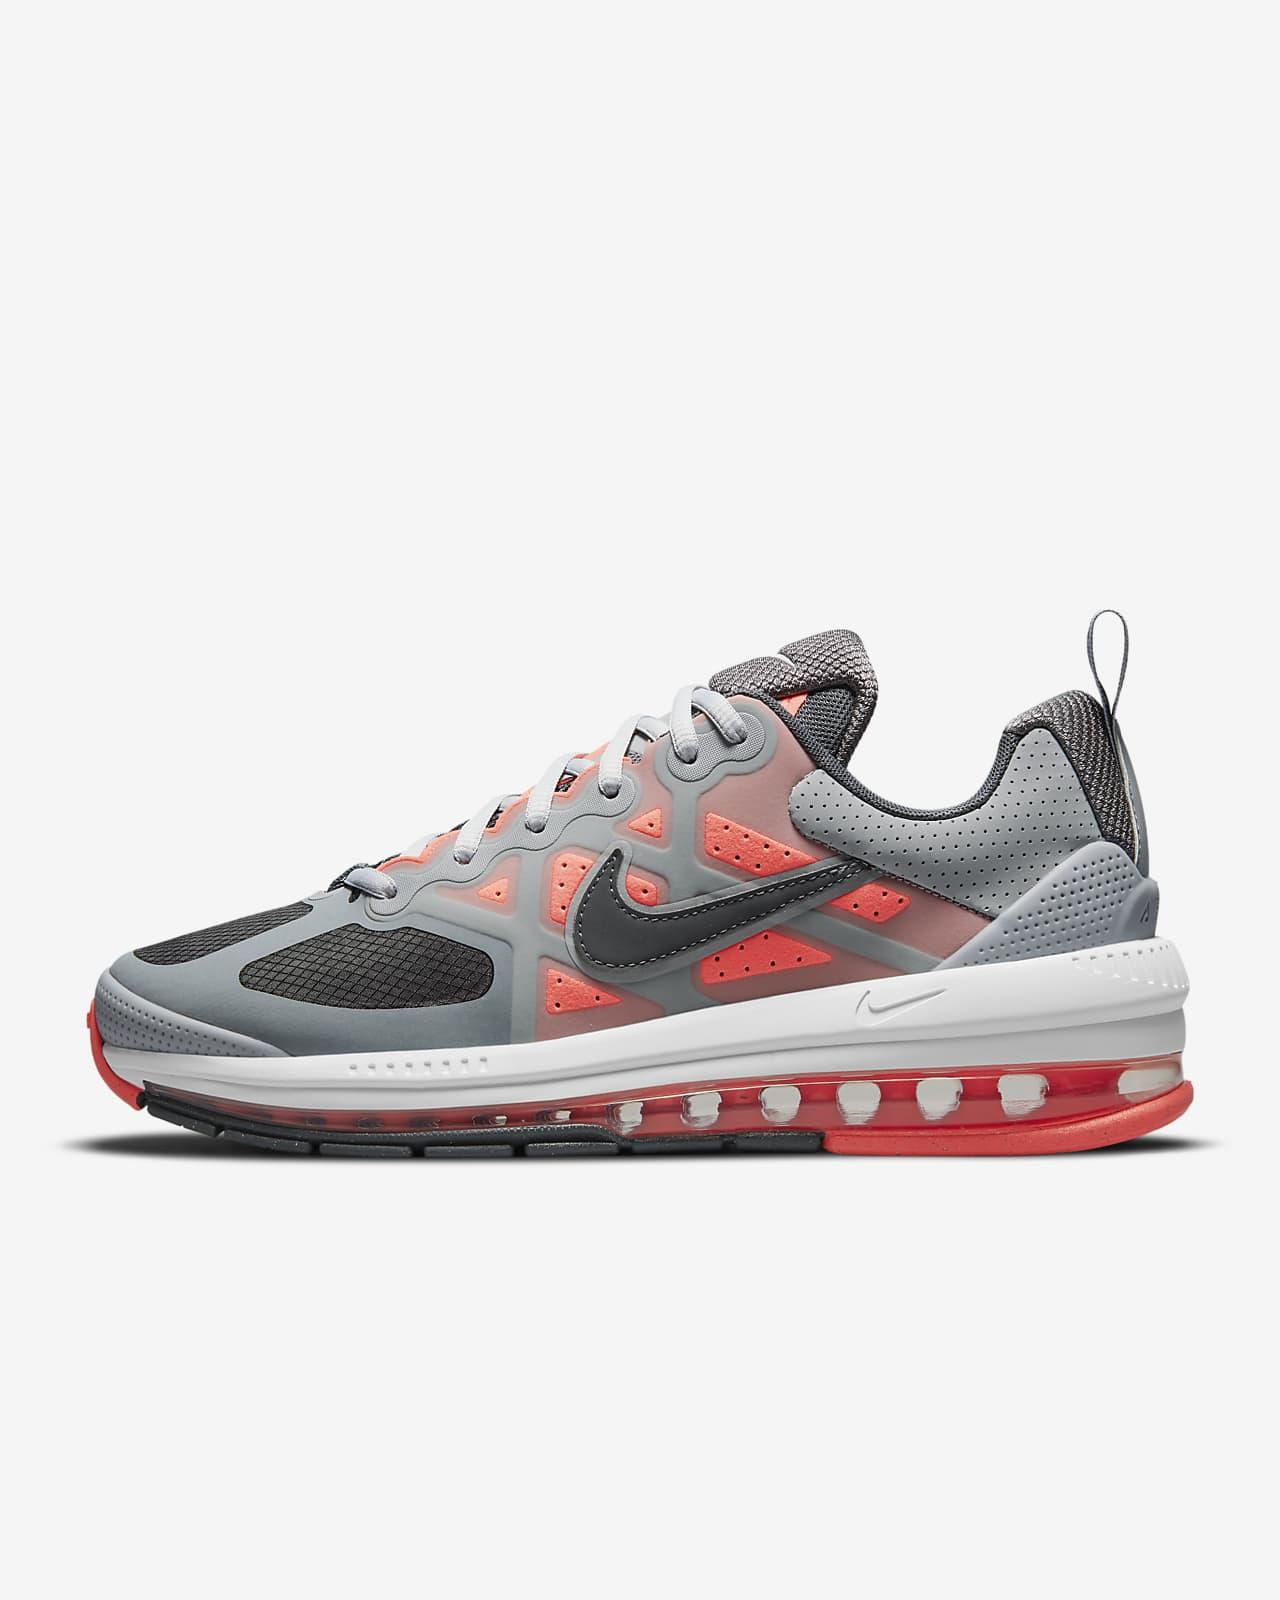 รองเท้าผู้ชาย Nike Air Max Genome